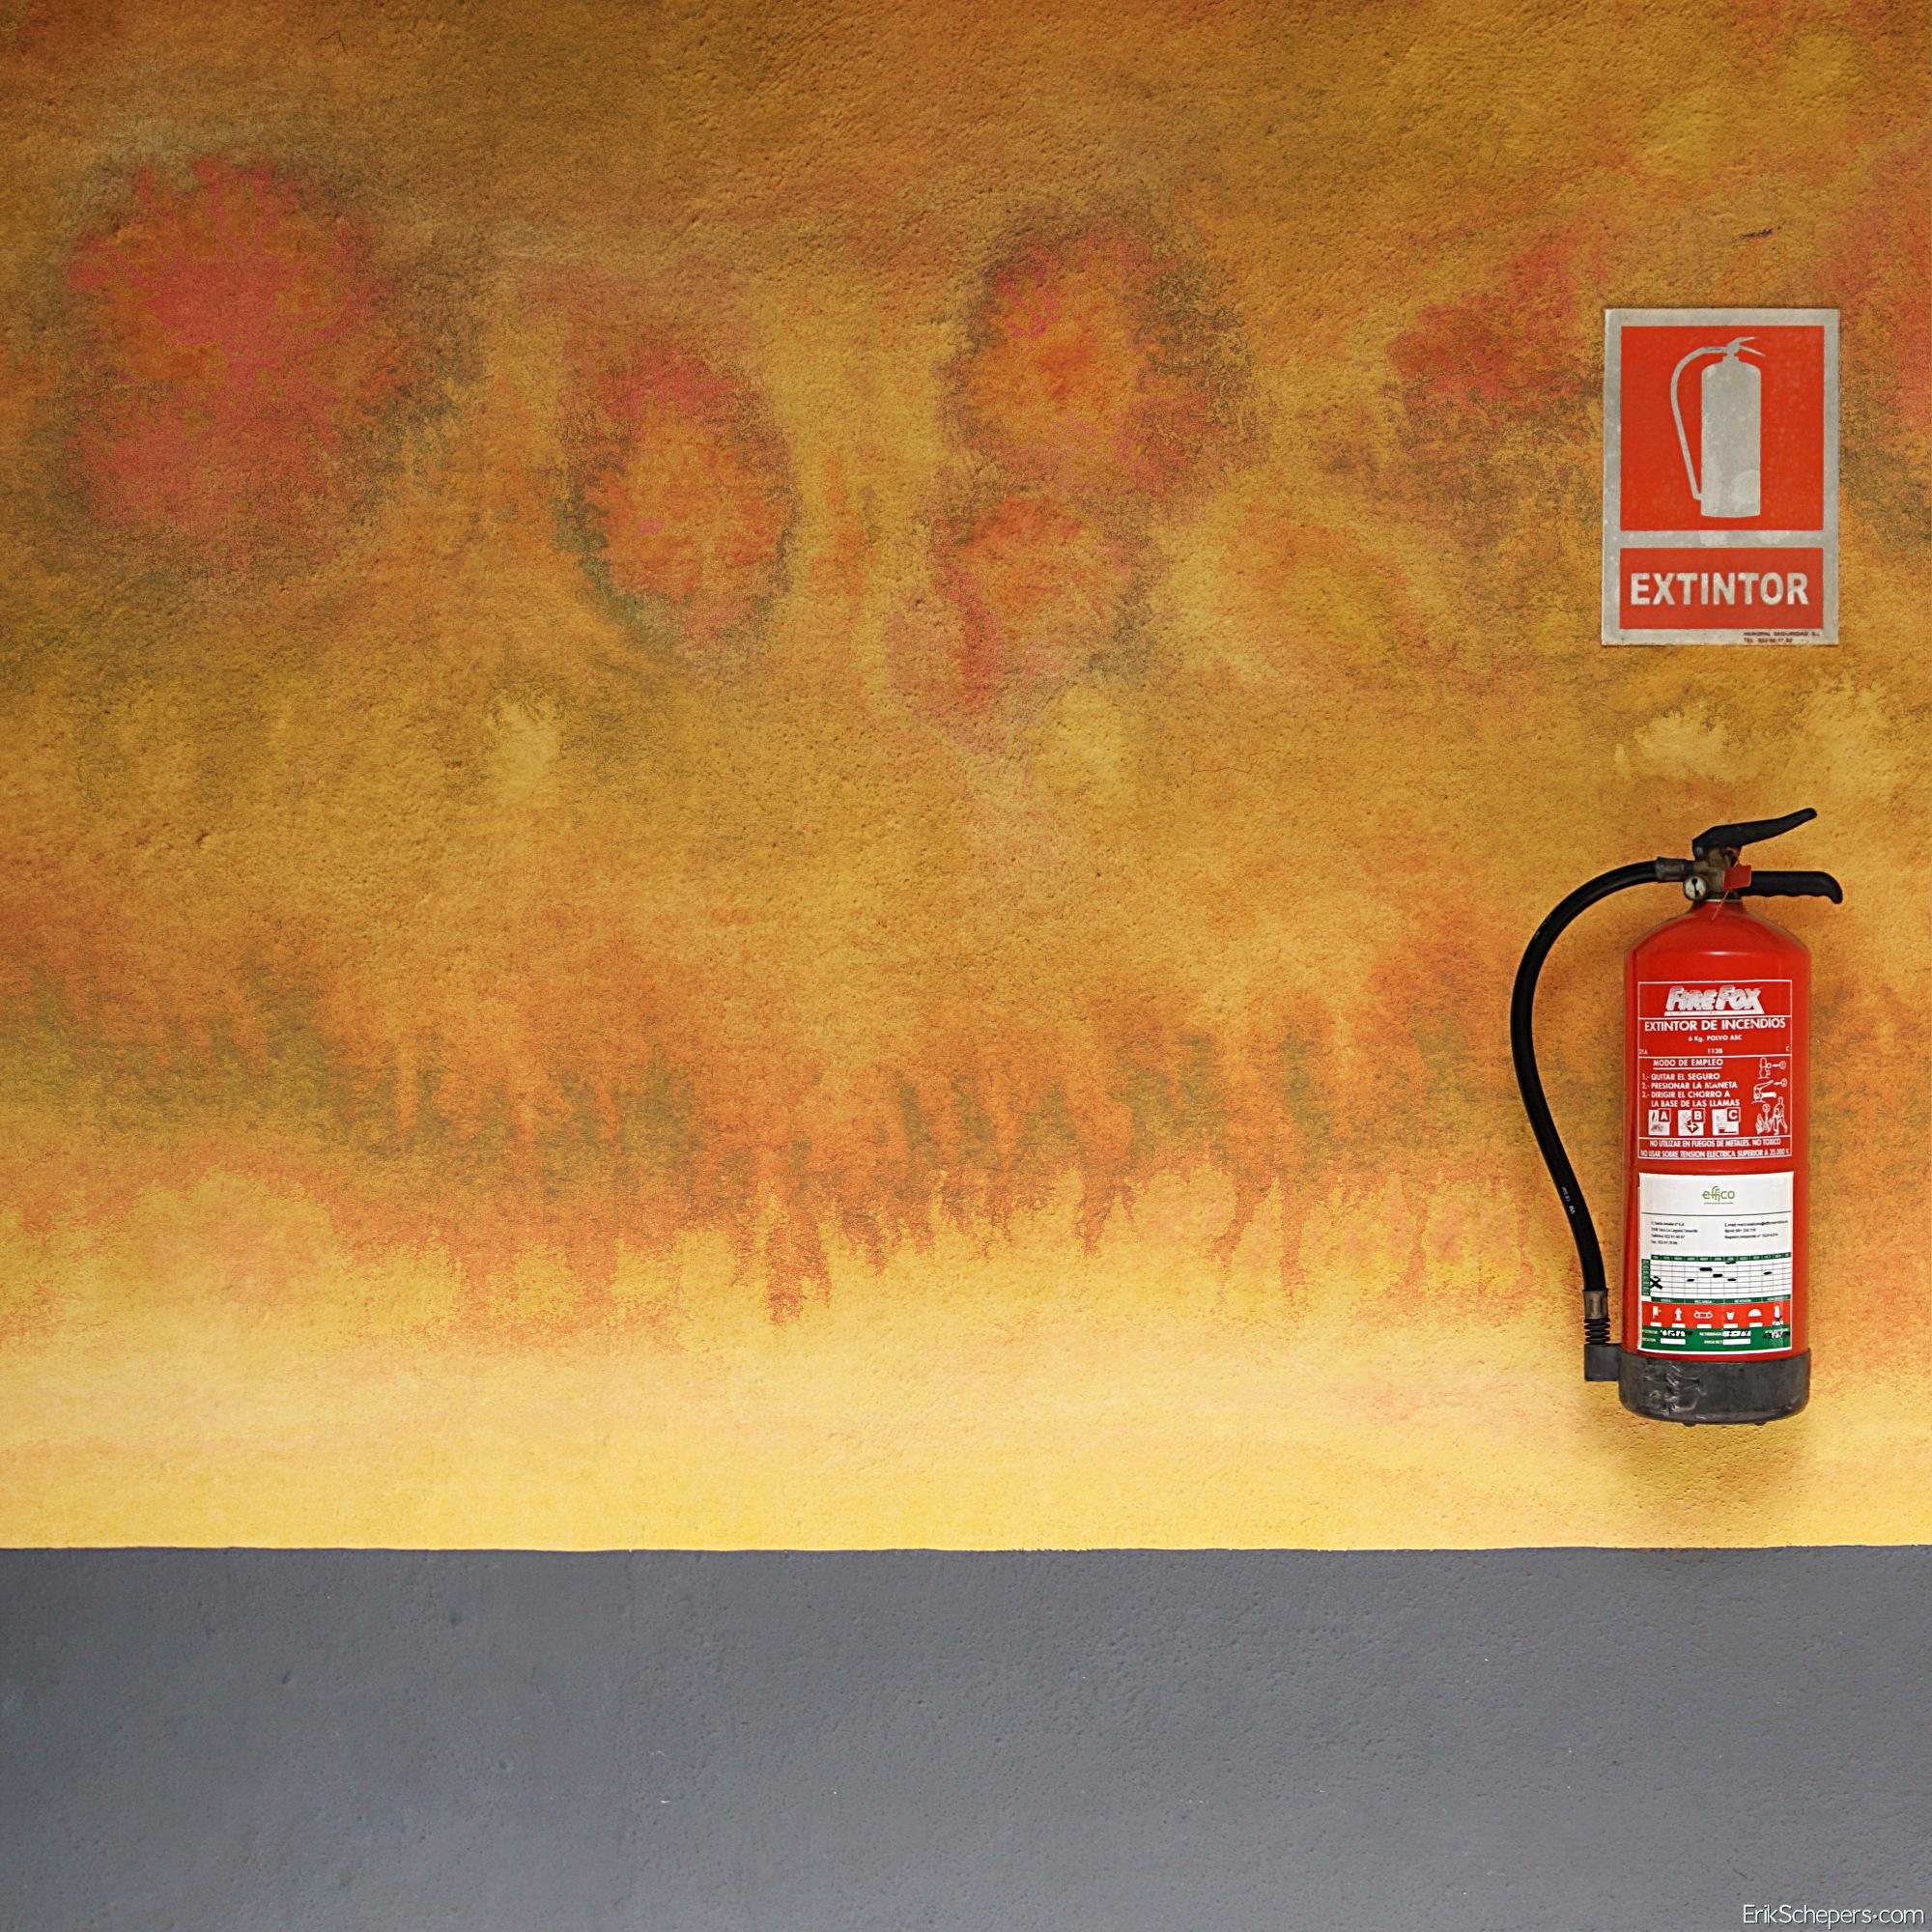 Extintor by Erik Schepers